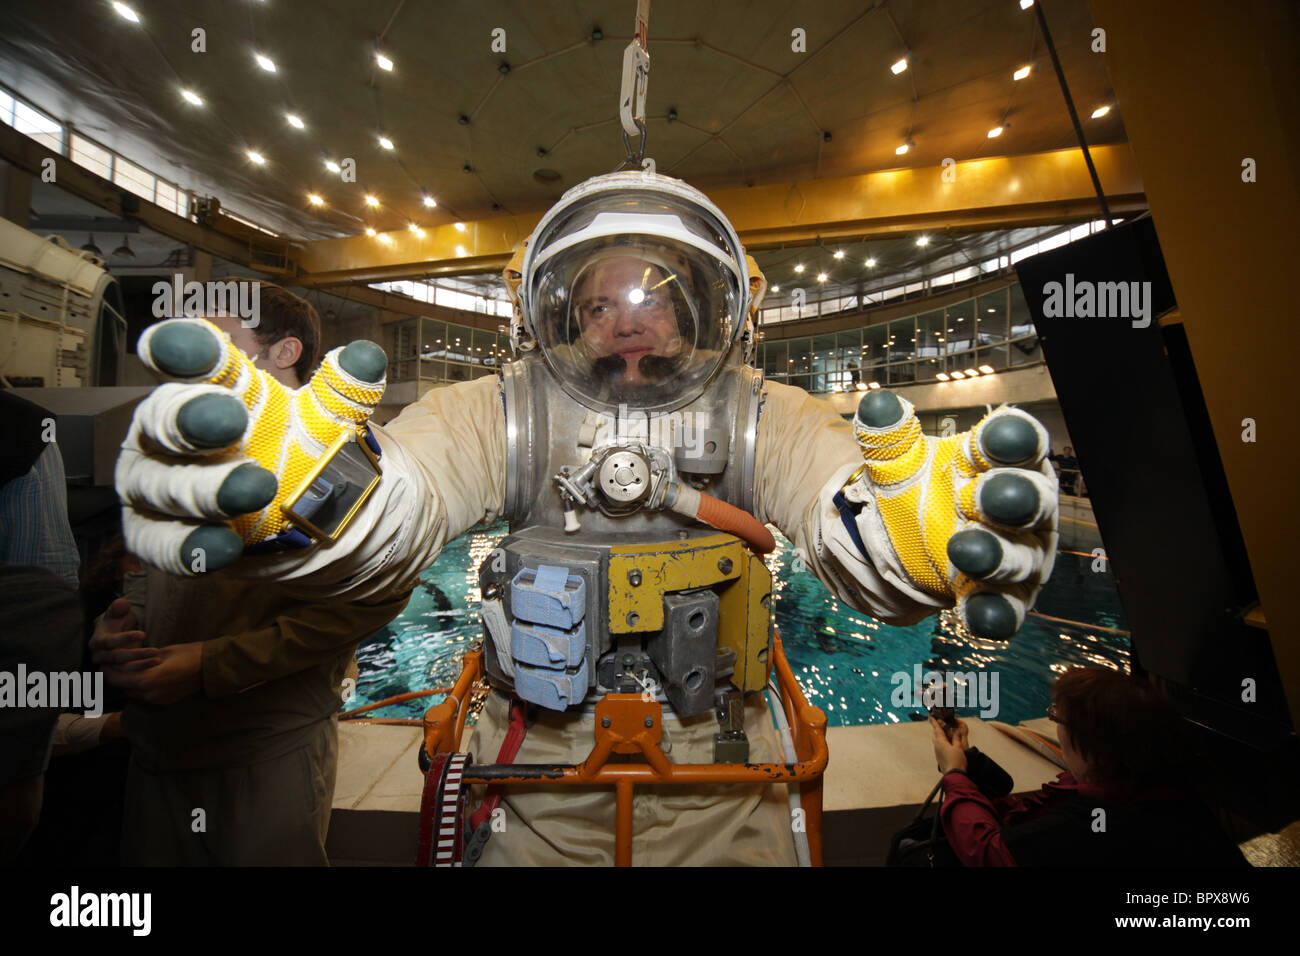 Gagarin Cosmonaut Training Centre - Stock Image